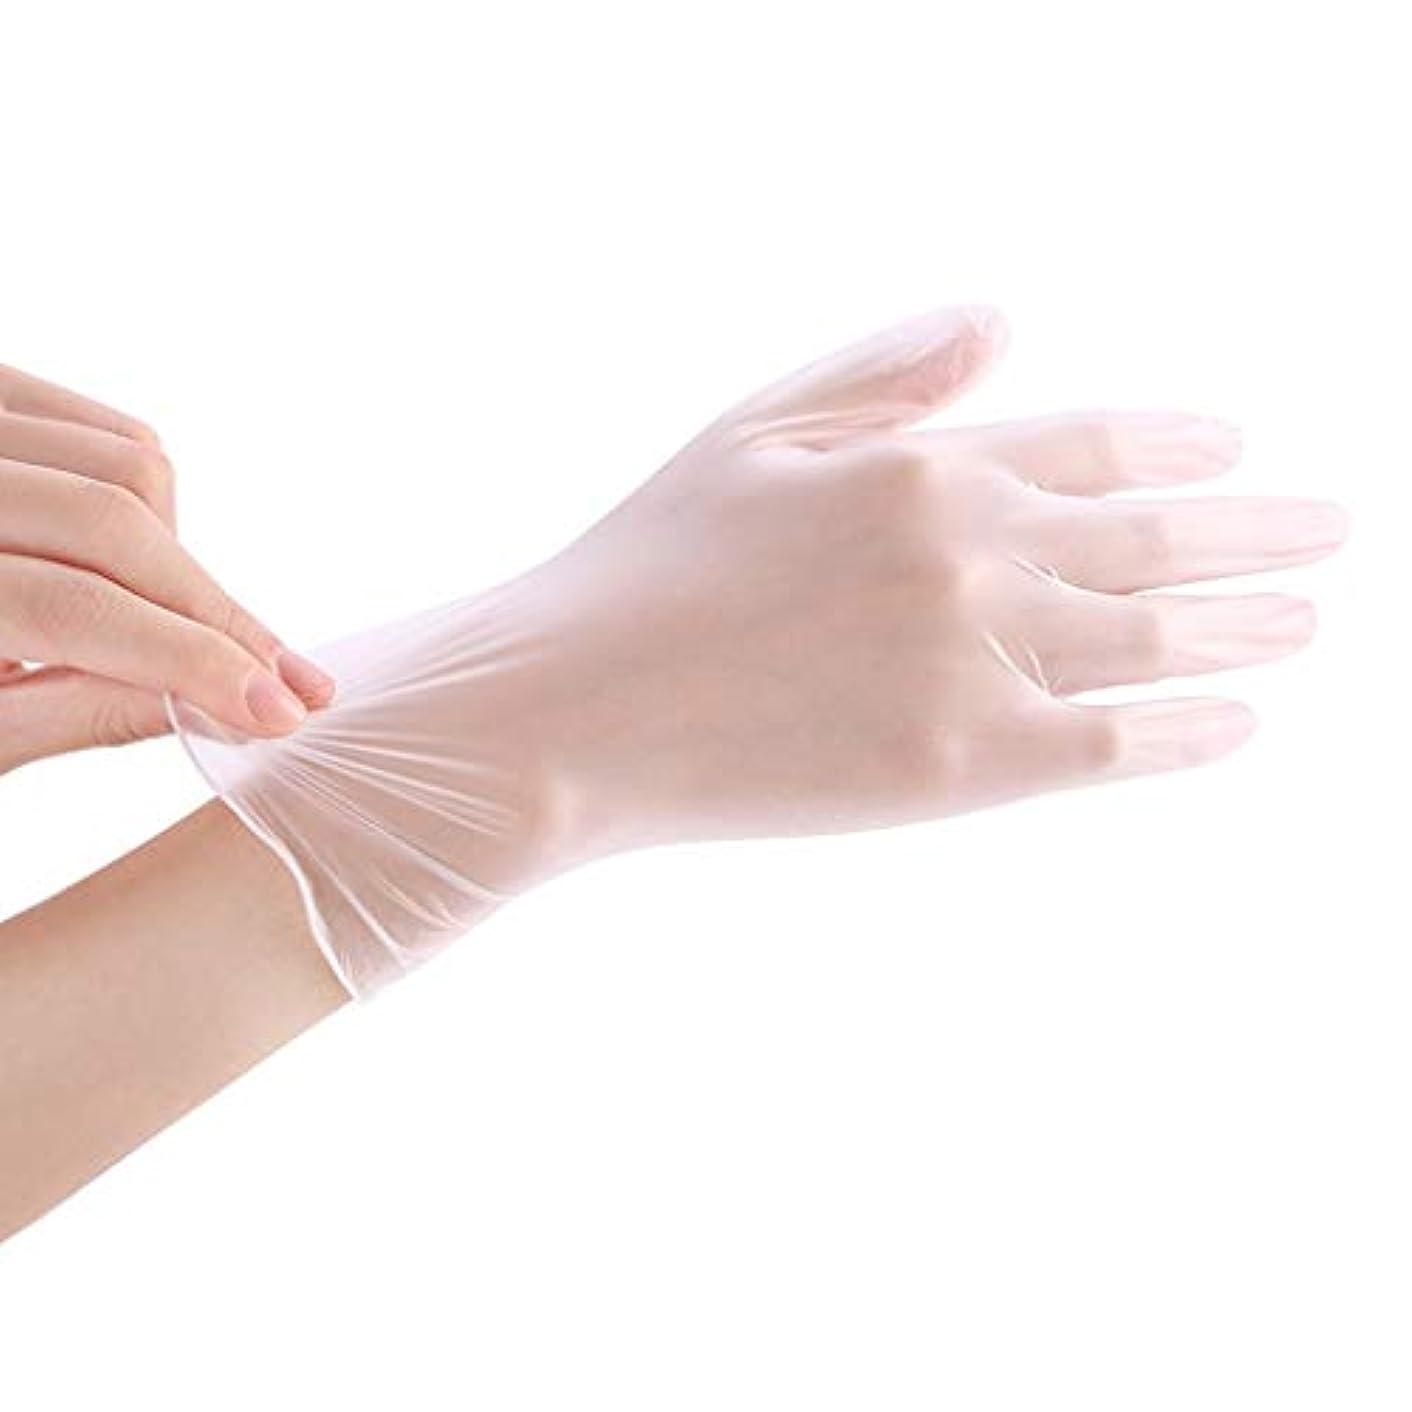 かりて主もっと少なく使い捨て透明食品ケータリンググレードPVC手袋美容キッチンベーキングフィルム手袋200 YANW (色 : トランスペアレント, サイズ さいず : L l)